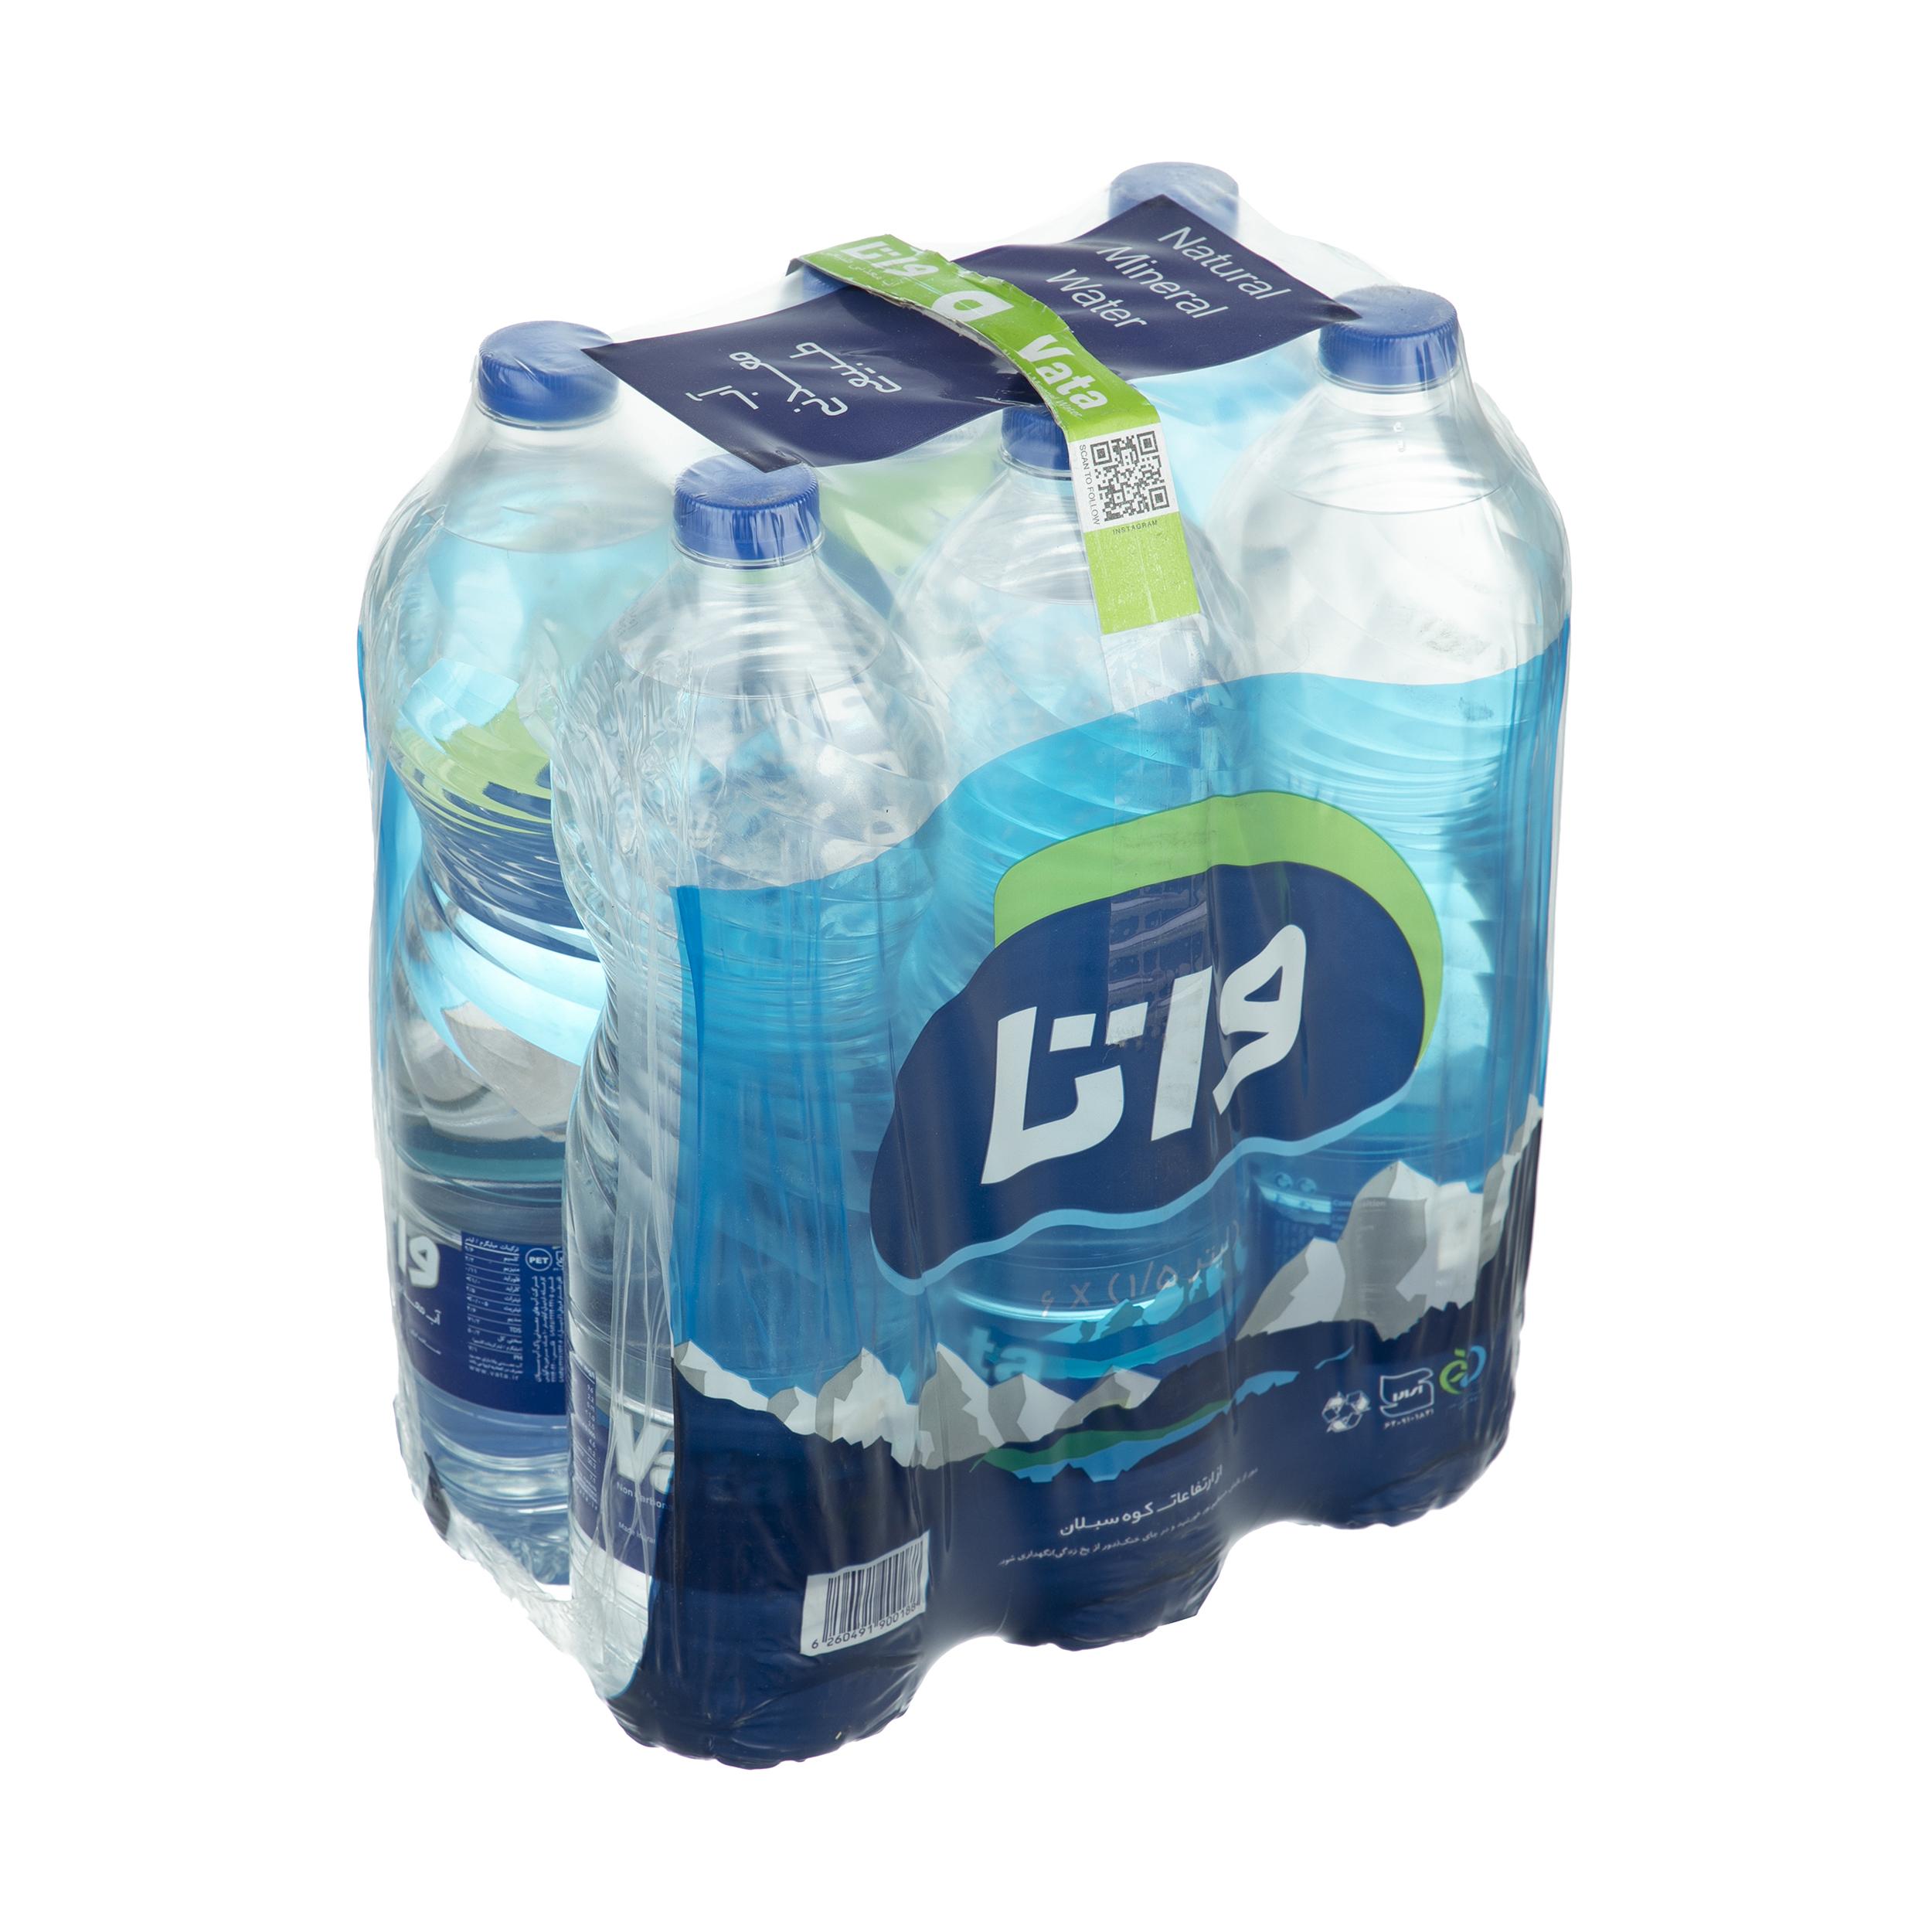 آب معدنی واتا حجم 1500 میلی لیتر بسته 6 عددی